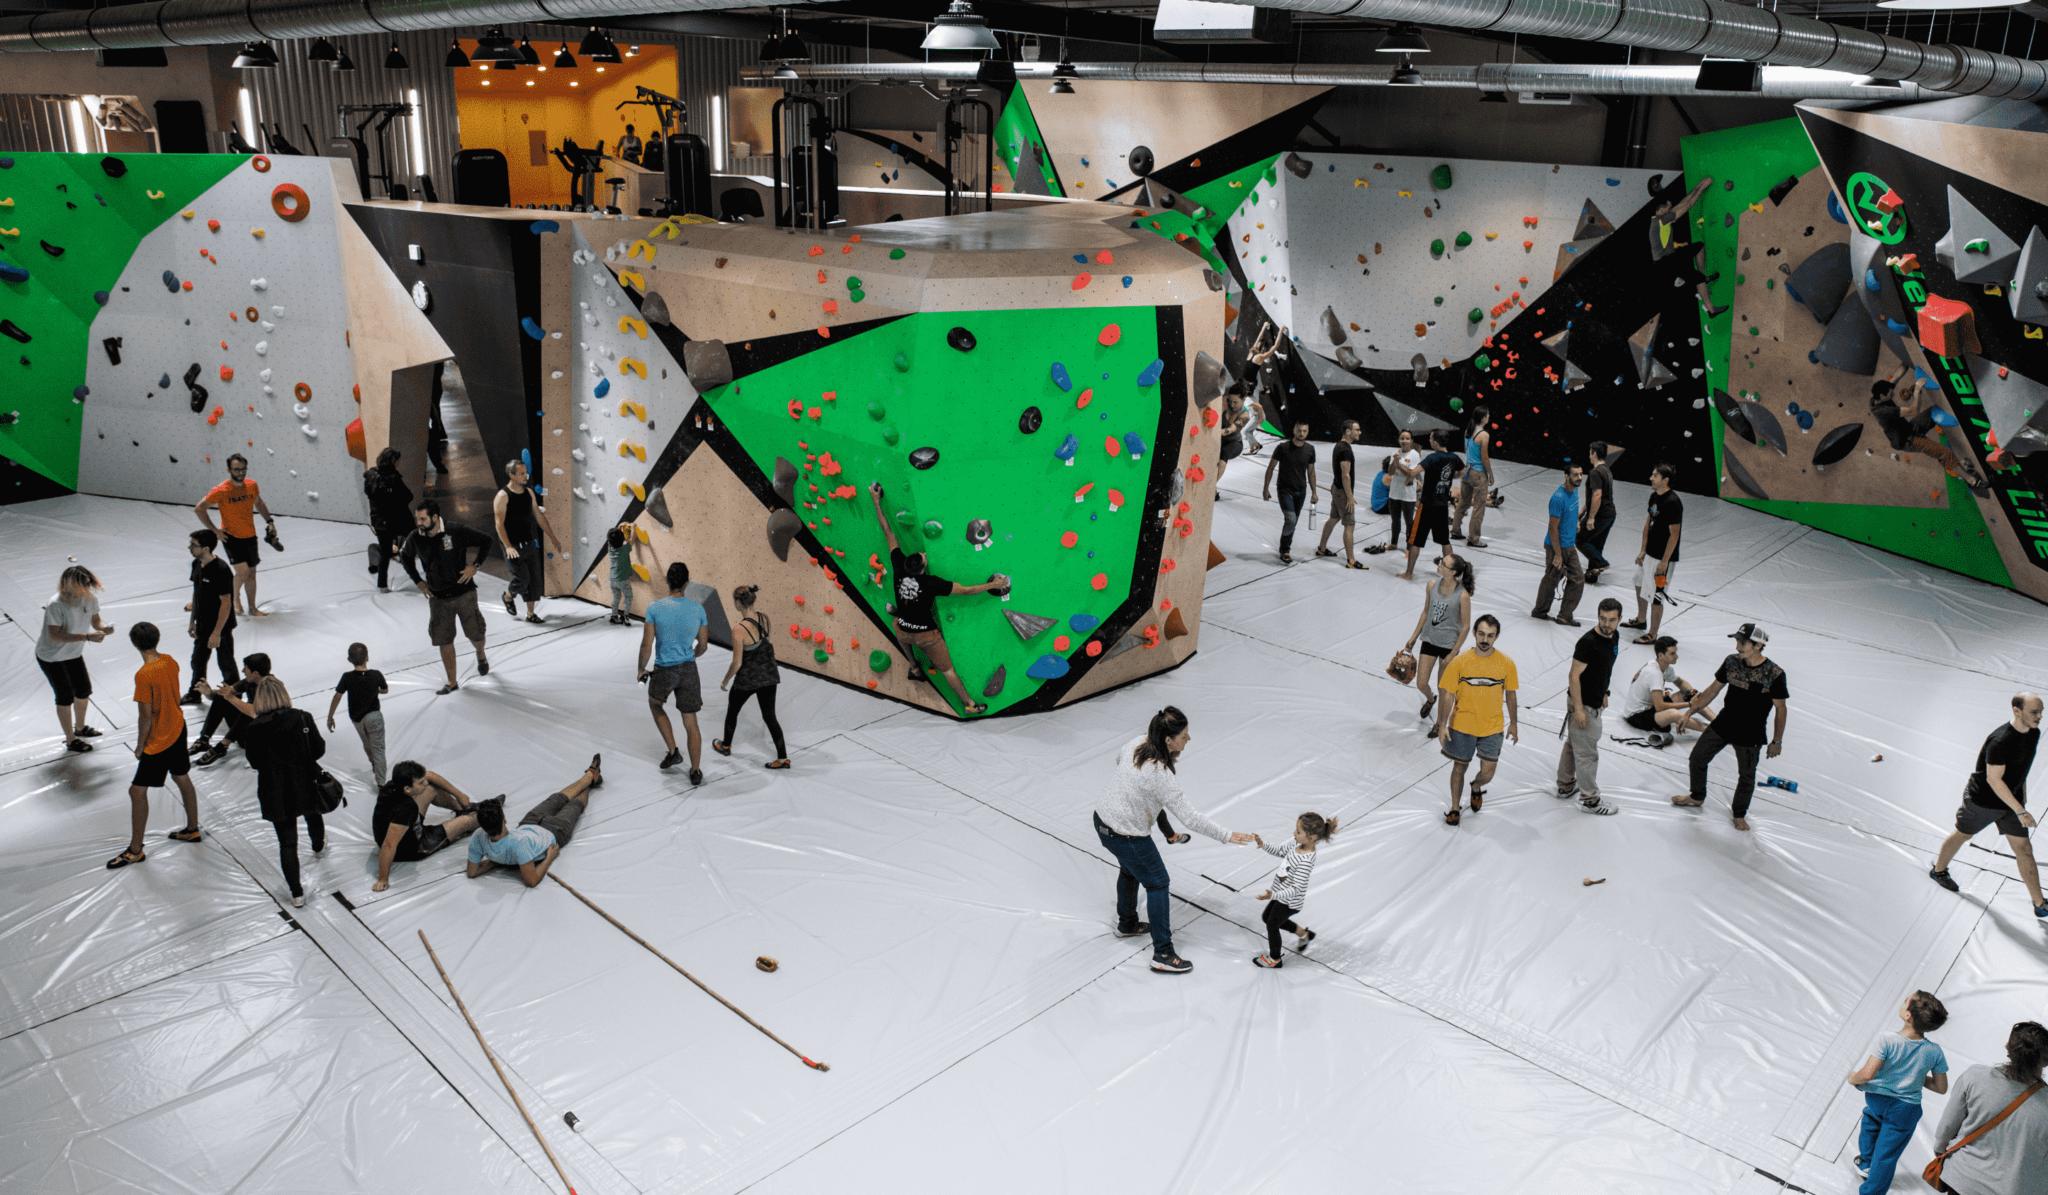 inauguration-vertical'art lille - salle d'escalade de bloc - restaurant -bar - Lille